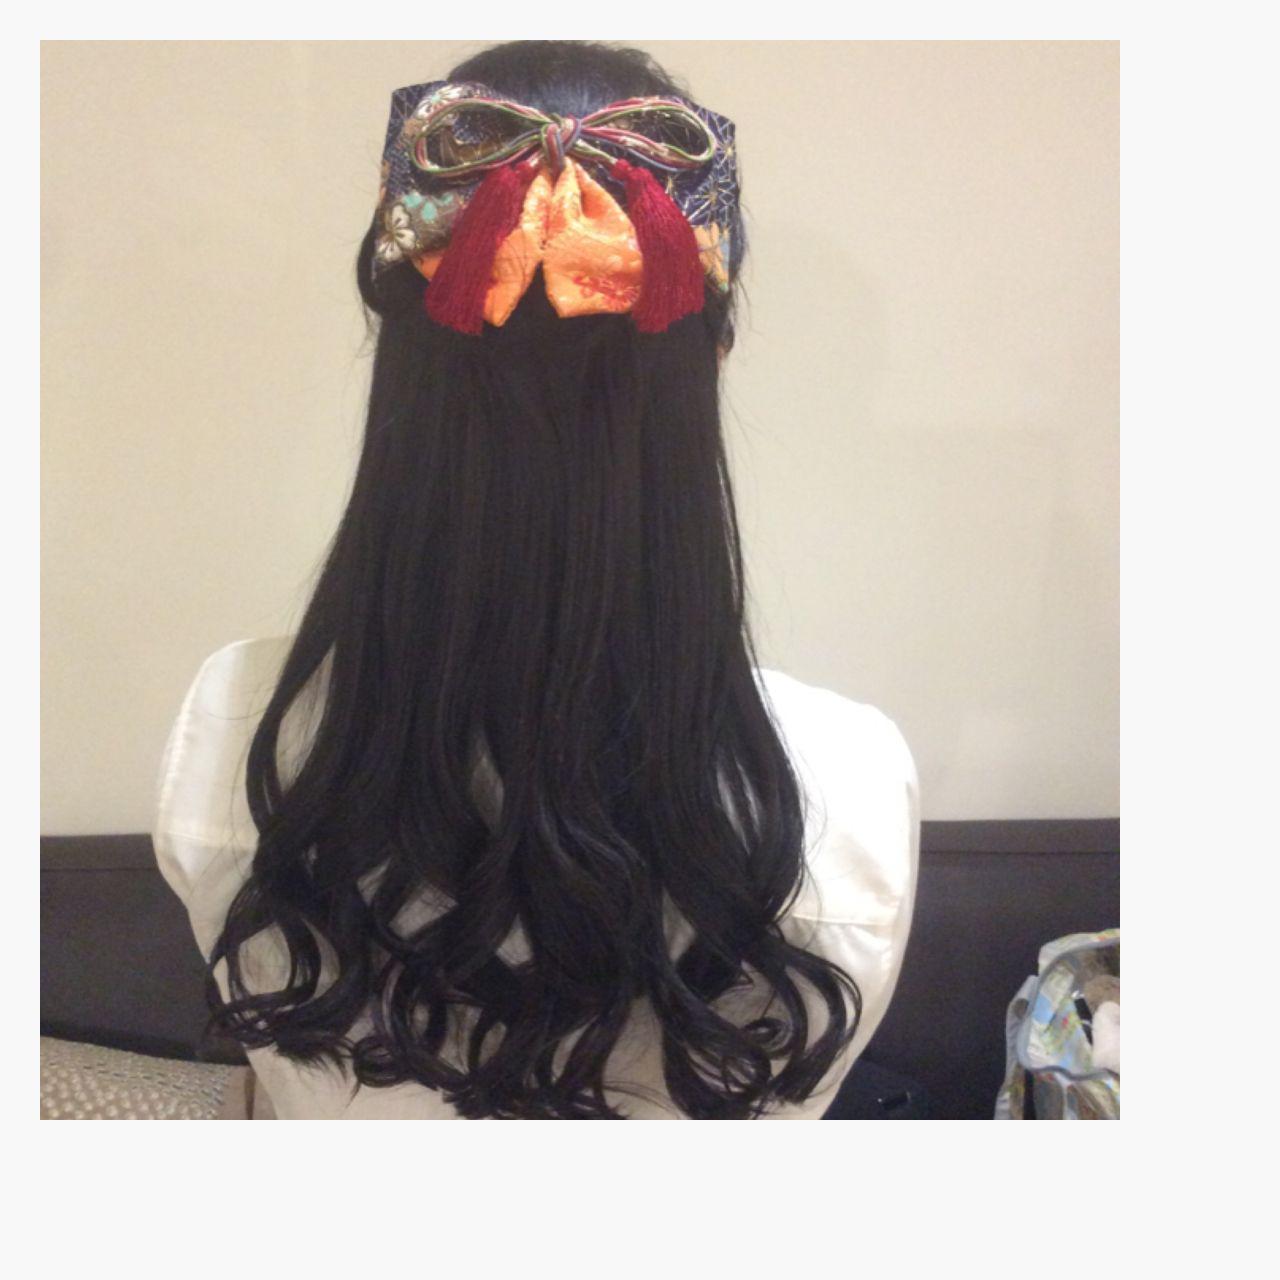 袴髪型 はいからさんが通る Hairstyle Kimono ヘアセット アレンジヘア お呼ばれヘア お出かけヘア アップスタイル 着物髪型 The Dimple Bee Designs Hairstyle And Accessories 卒業式 髪型 袴 髪型 アップスタイル 着物